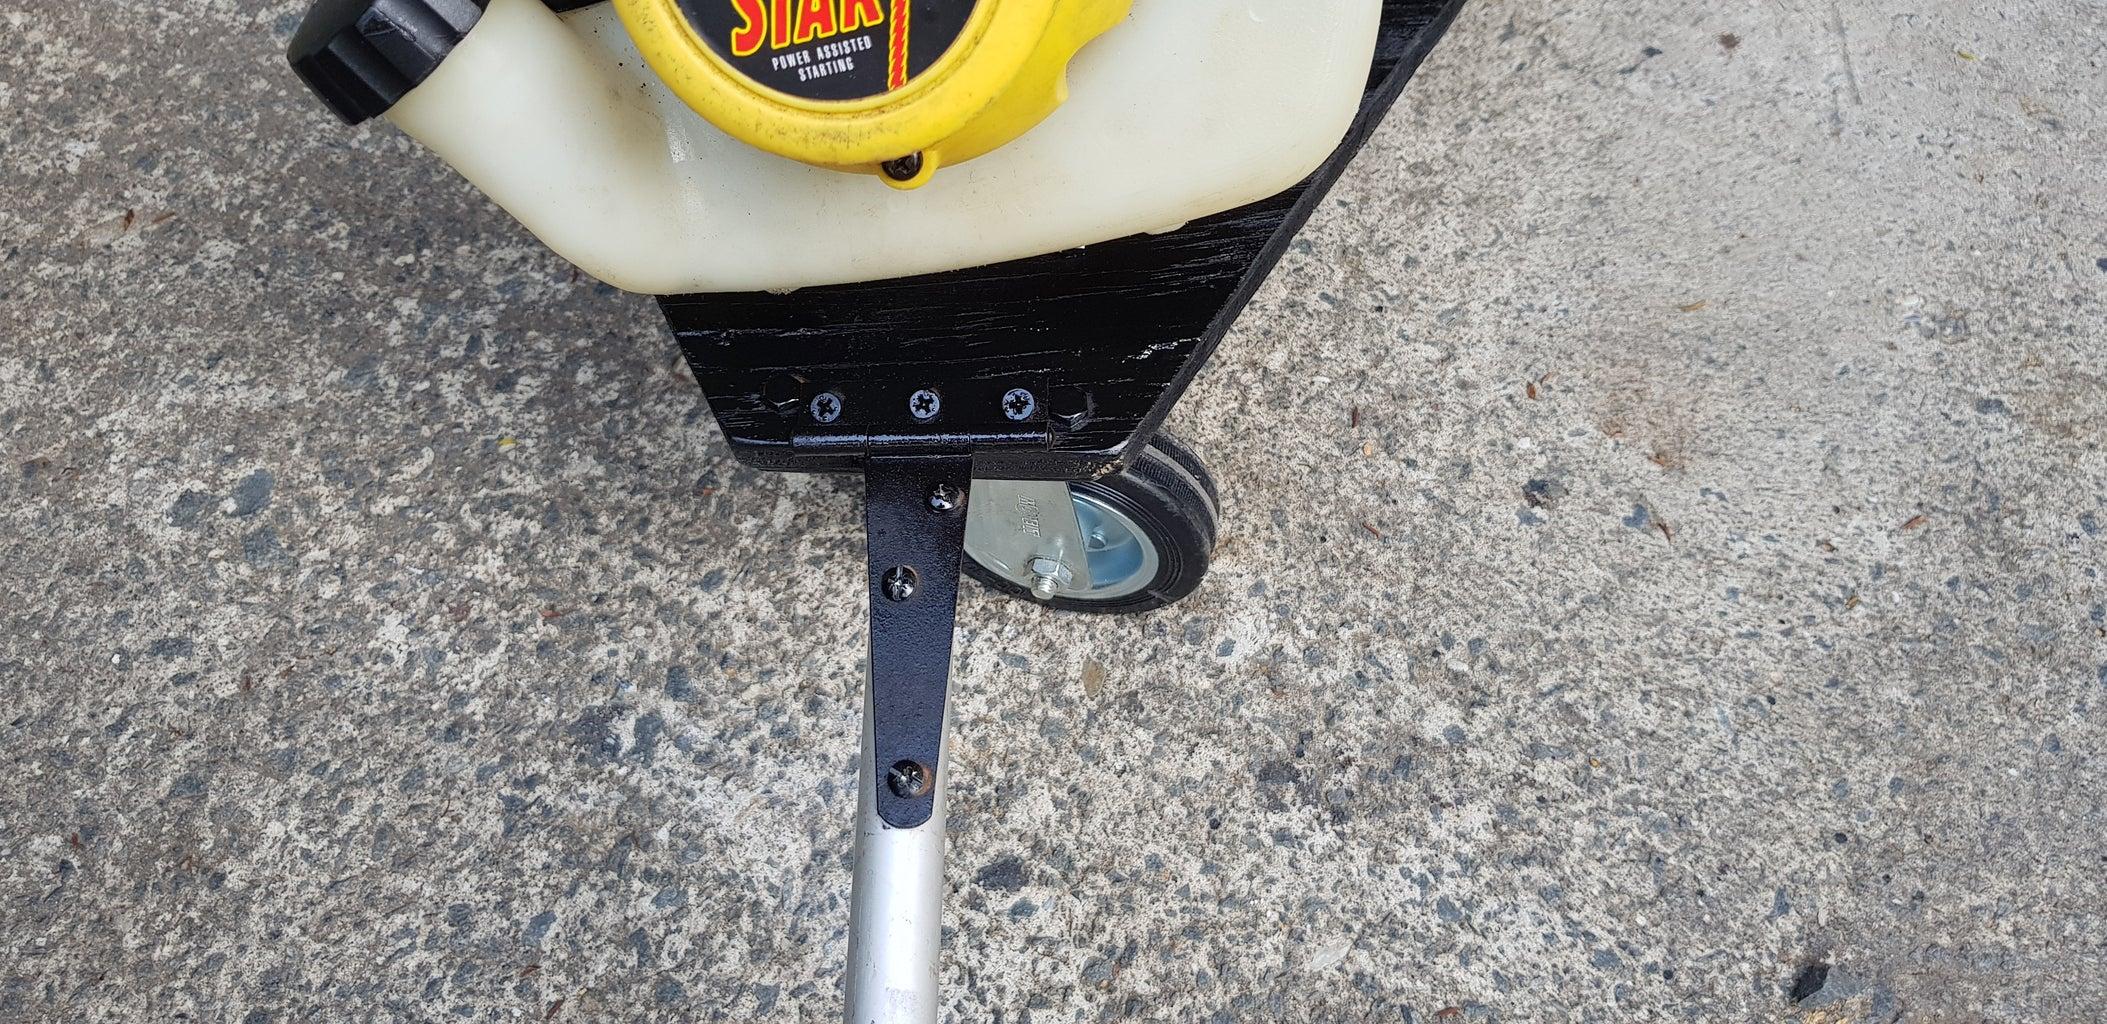 Adding the Pole